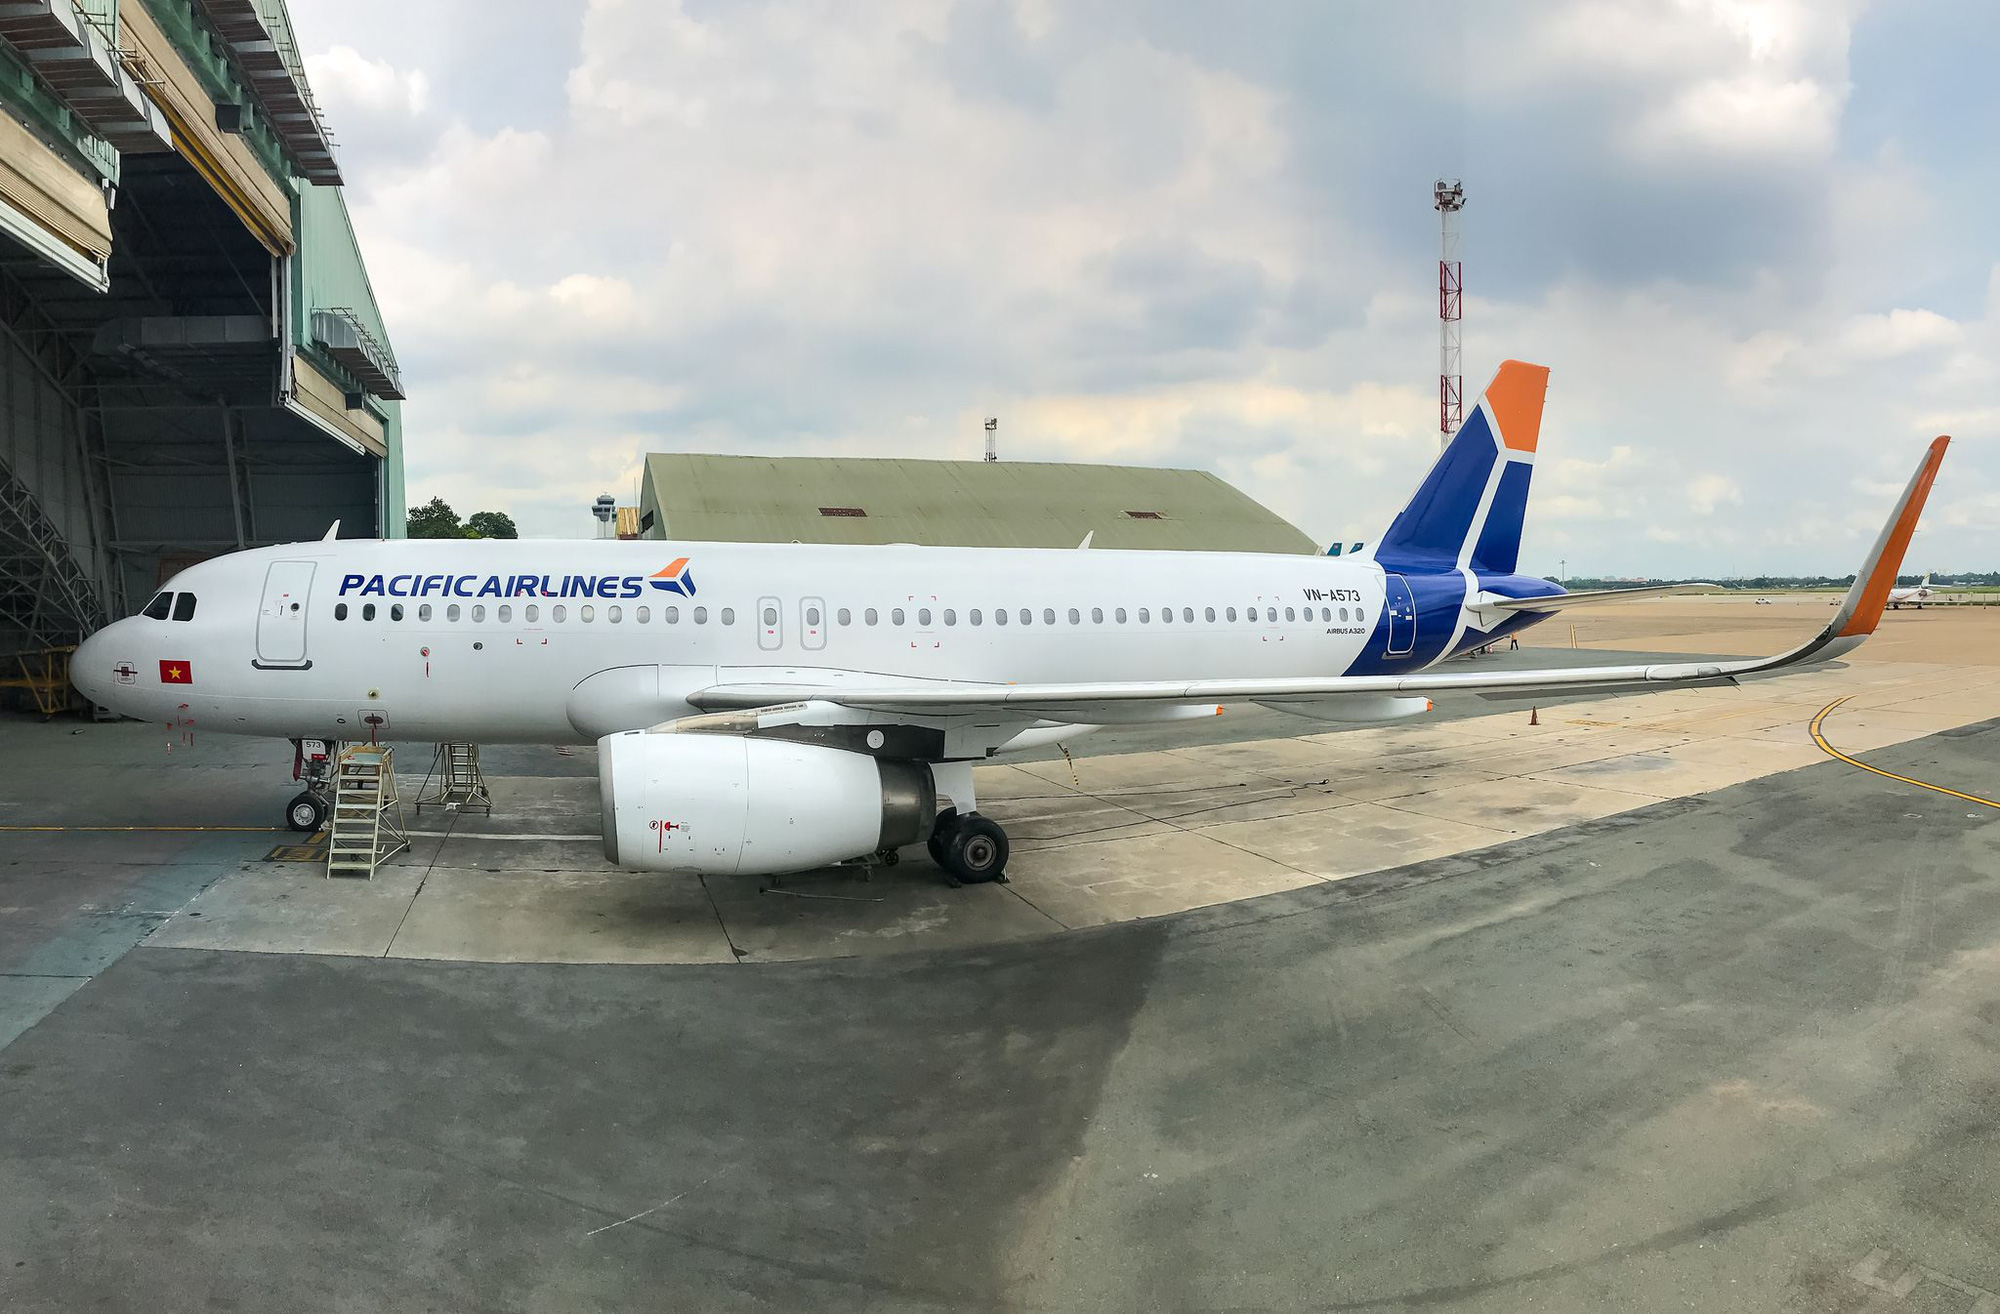 Nhiều chuyến bay tới Nội Bài phải hạ xuống sân bay khác - Ảnh 1.